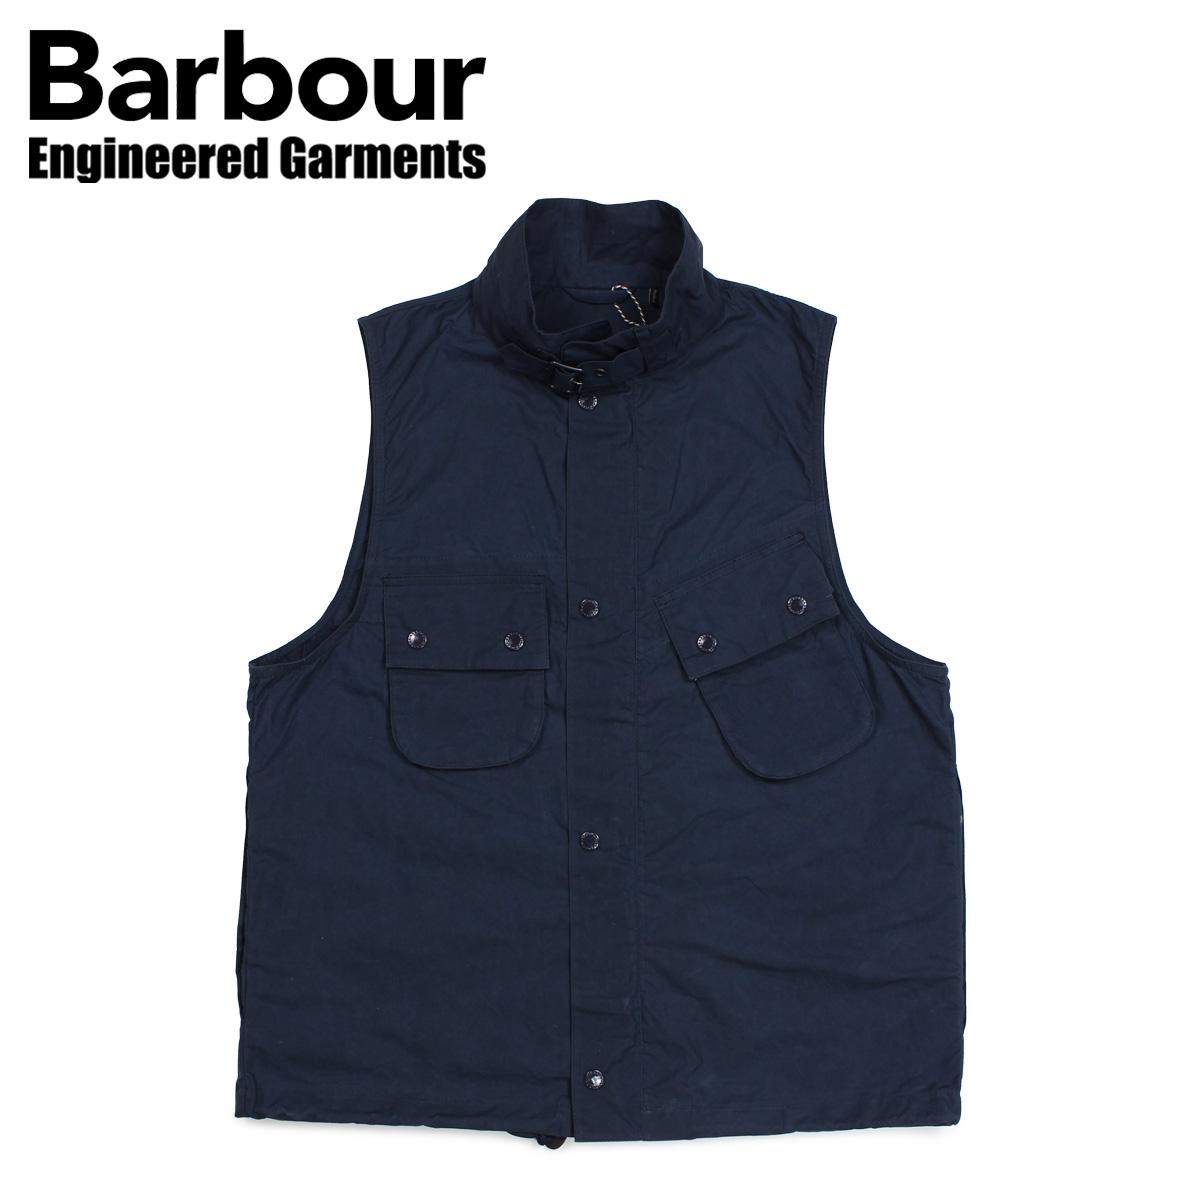 Barbour バブアー エンジニアードガーメンツ ENGINEERED GARMENTS ベスト ジレ メンズ アーサー ARTHUR GILET コラボ ネイビー MGI0045NY71 [3/28 新入荷]